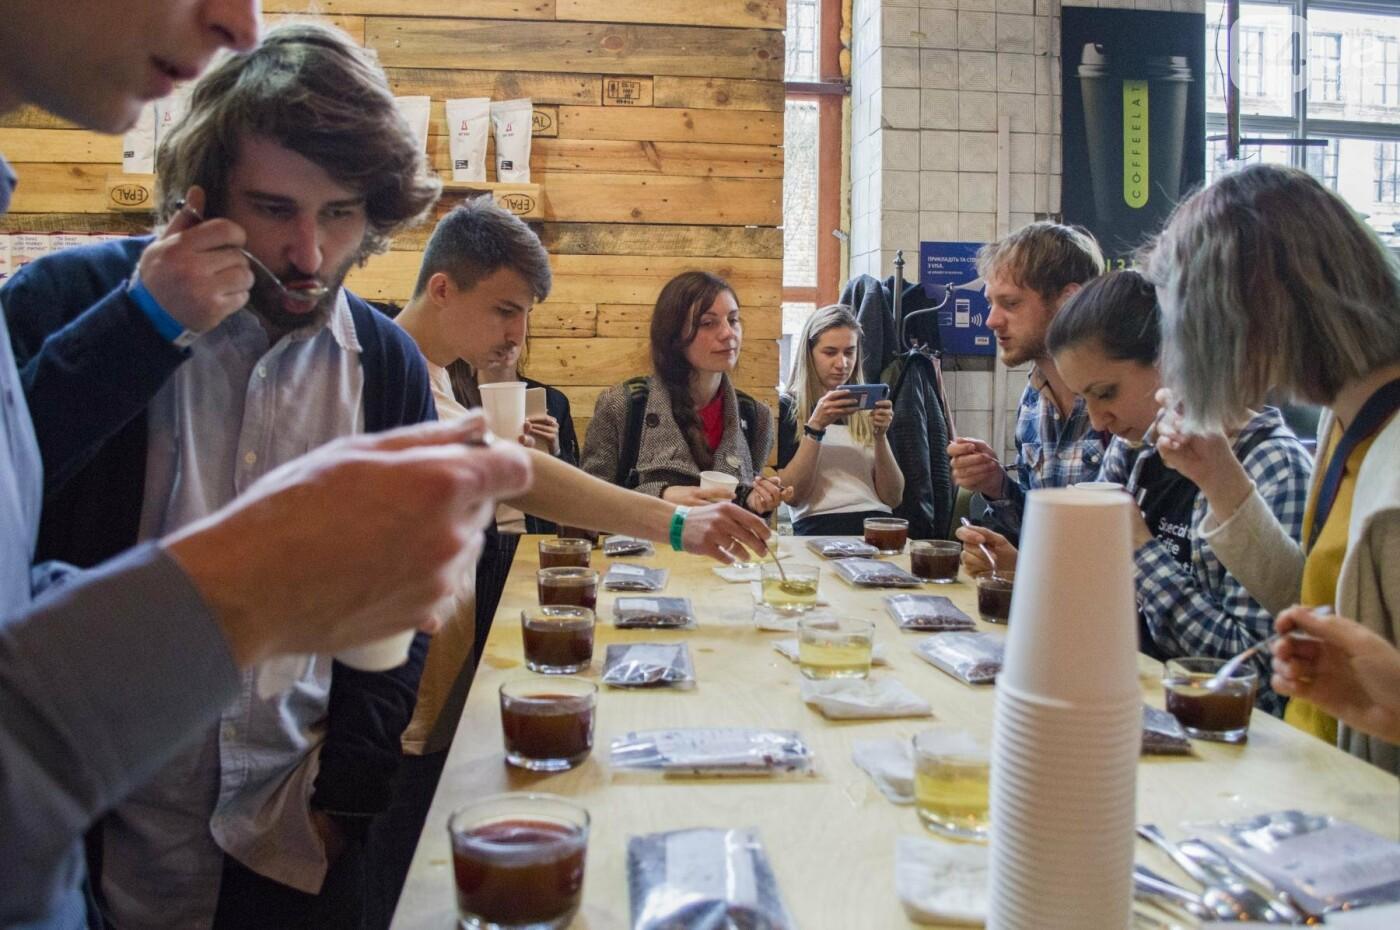 В Киеве прошел самый масштабный кофейный фестиваль страны, фото-17